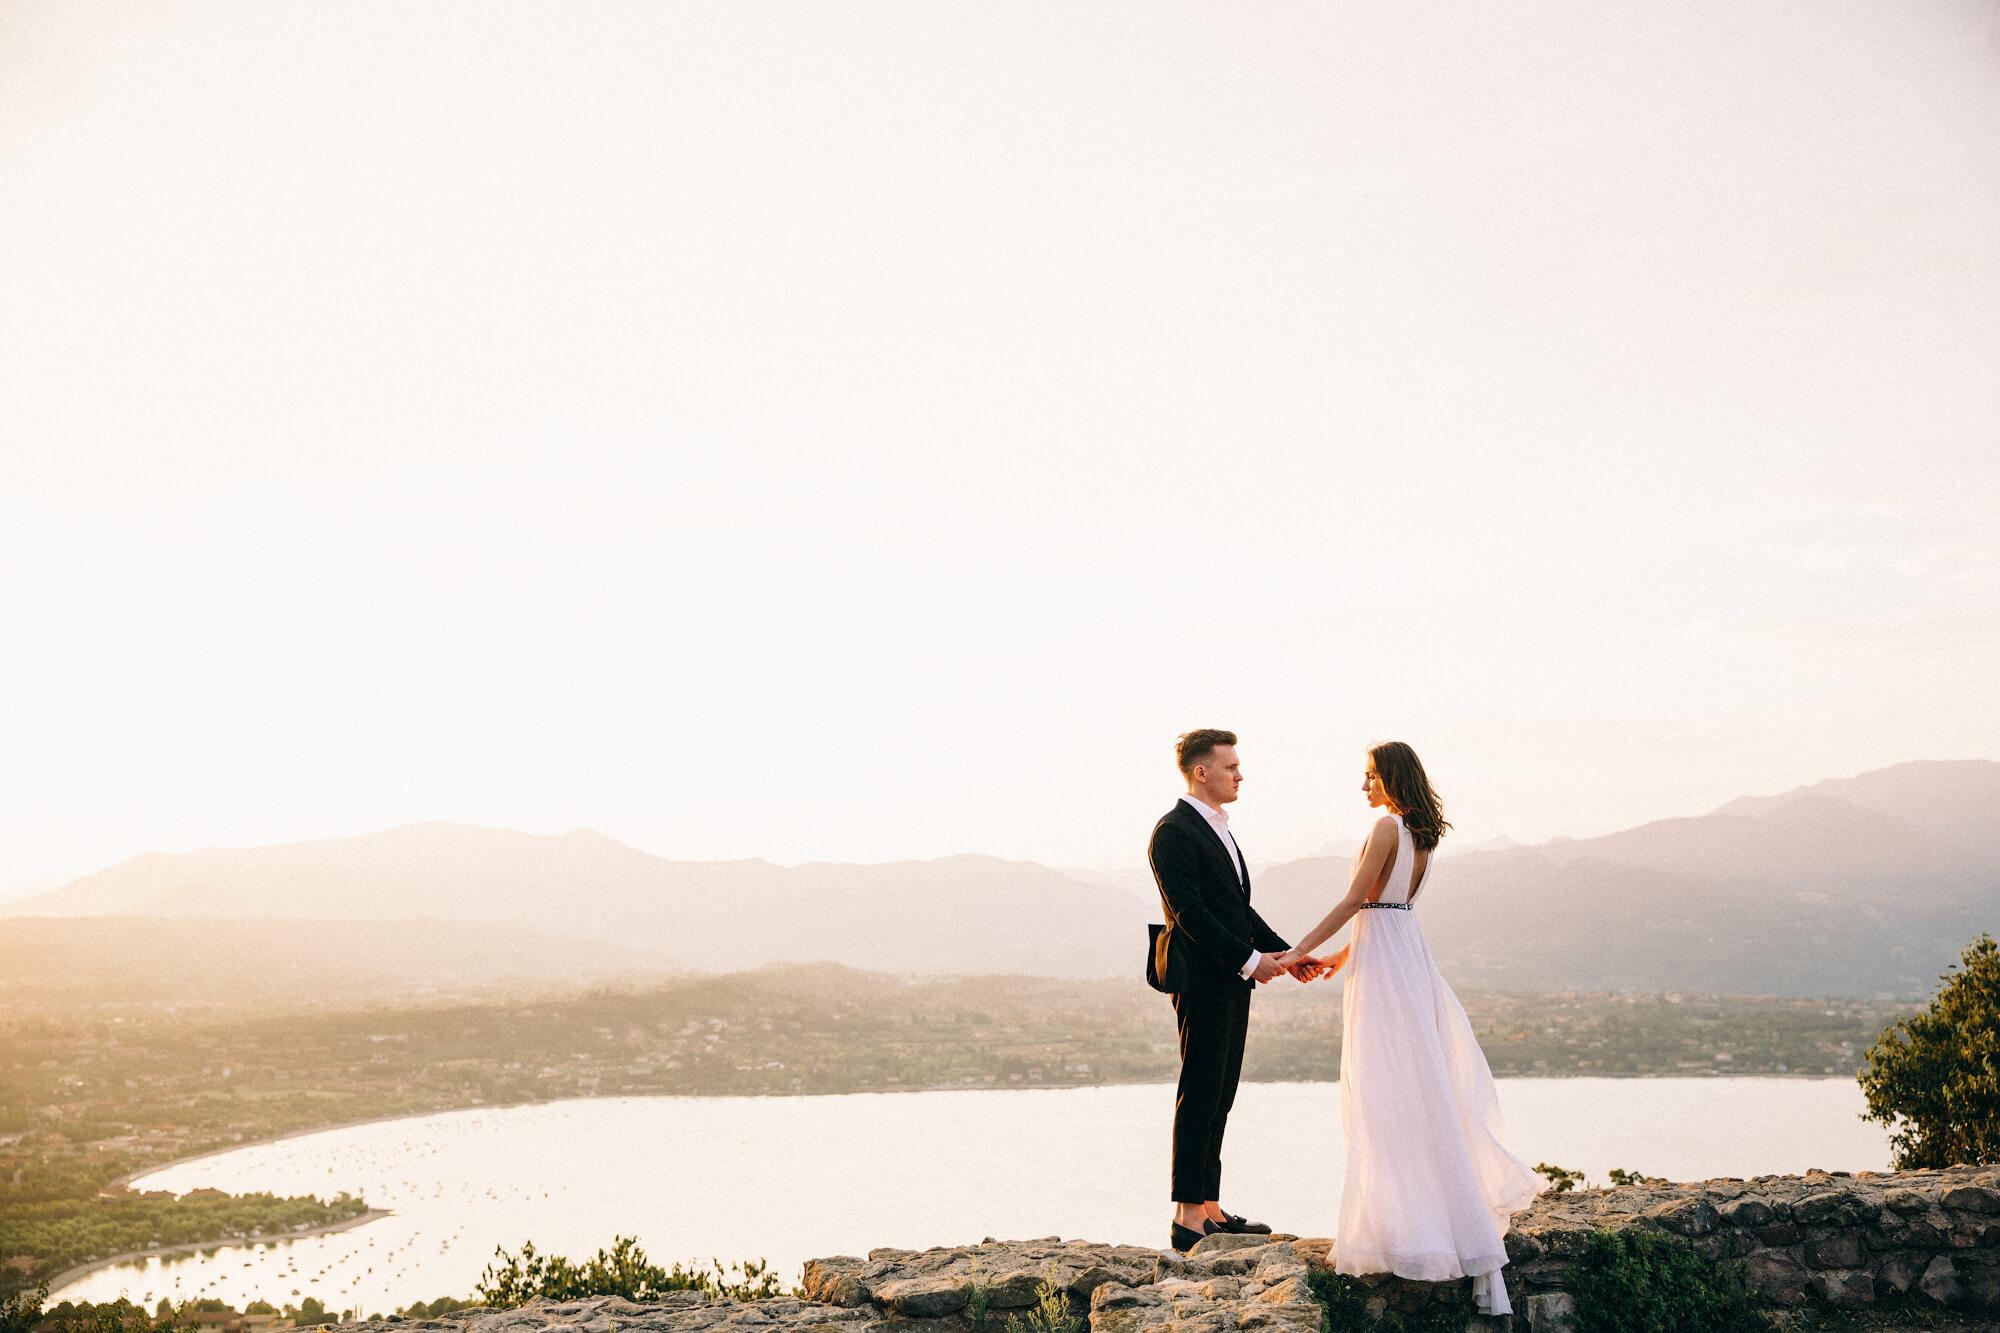 Свадьба за границей. Организация свадьбы в Италии. BM Weddings & Events